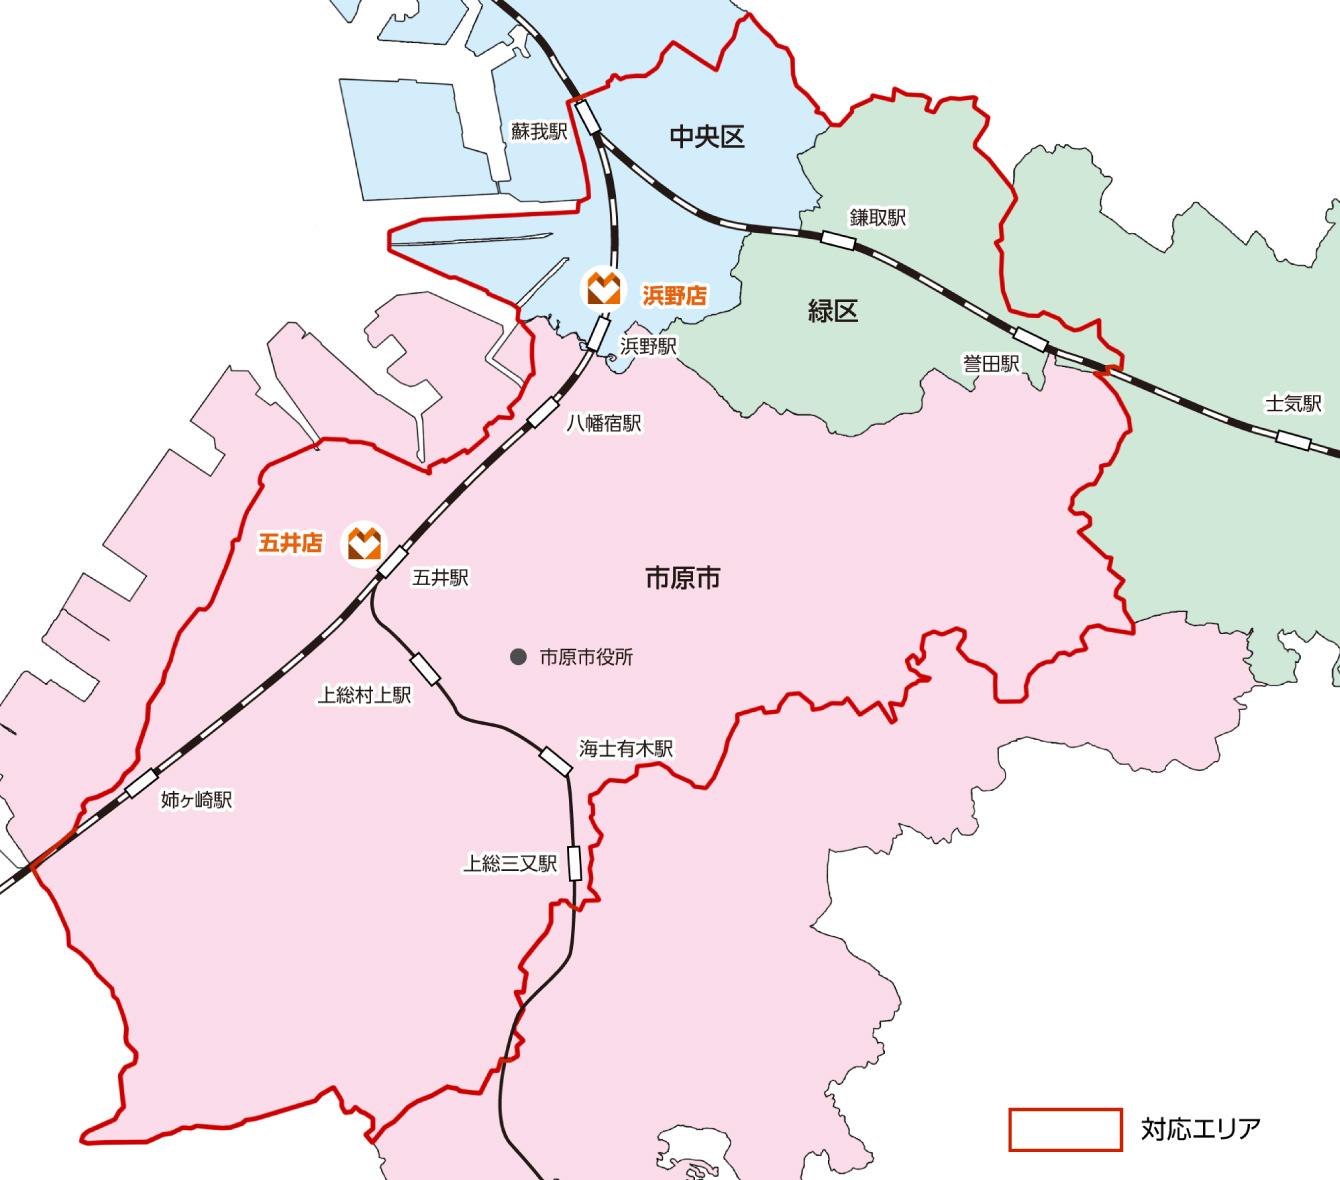 対応エリアの詳細地図